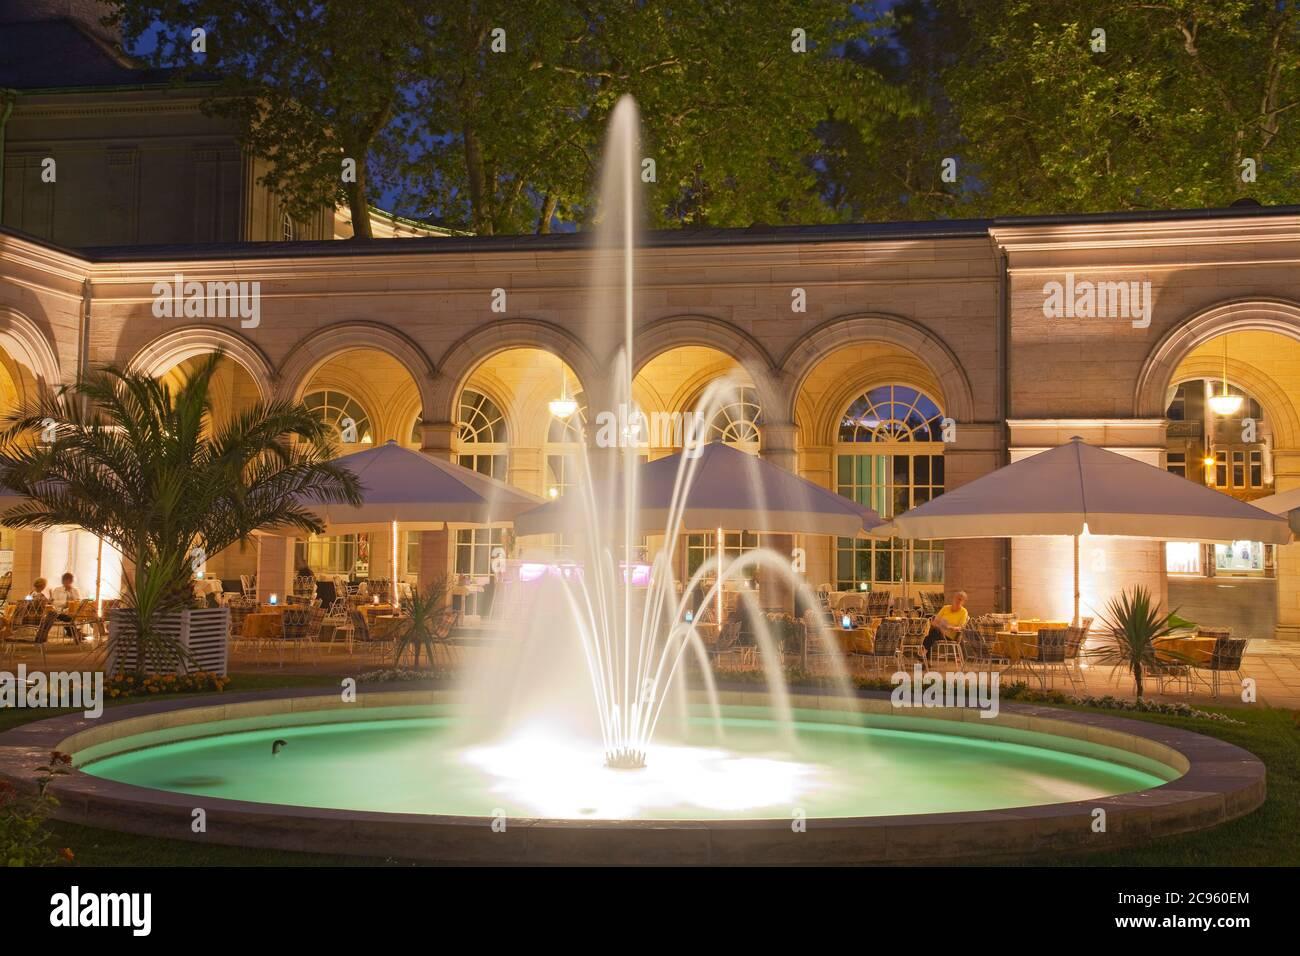 Géographie / Voyage, Allemagne, Bavière, Bad Kissingen, spa jardins, arcade, droits-supplémentaires-déstockage-Info-non-disponible Banque D'Images